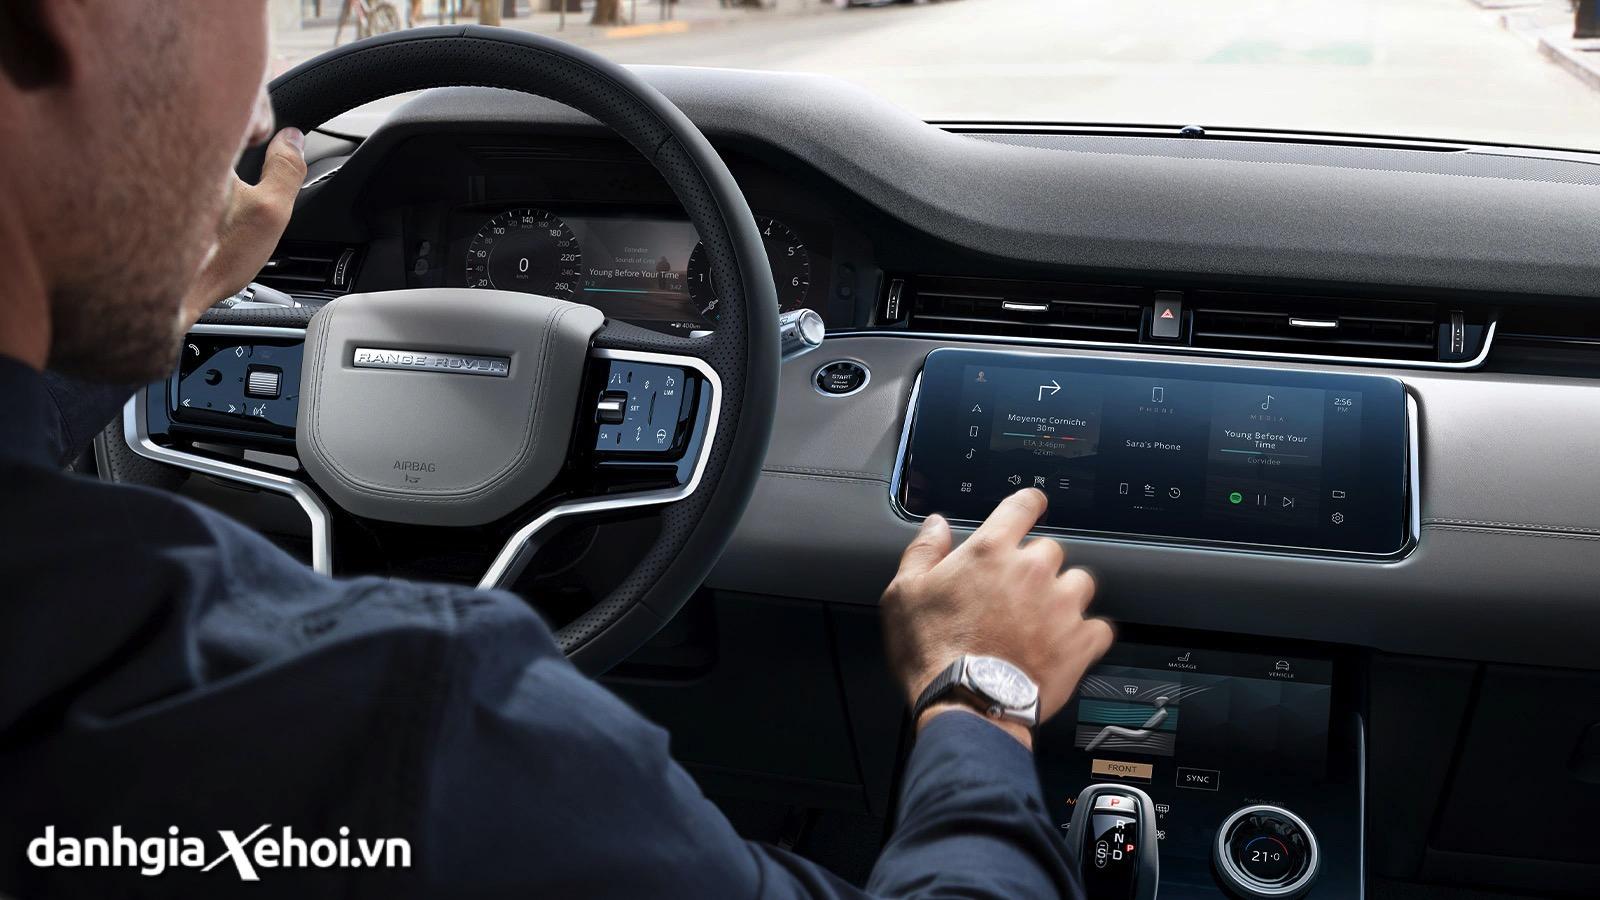 tien-nghi-xe-range-rover-evoque-2021-danhgiaxehoi-vn